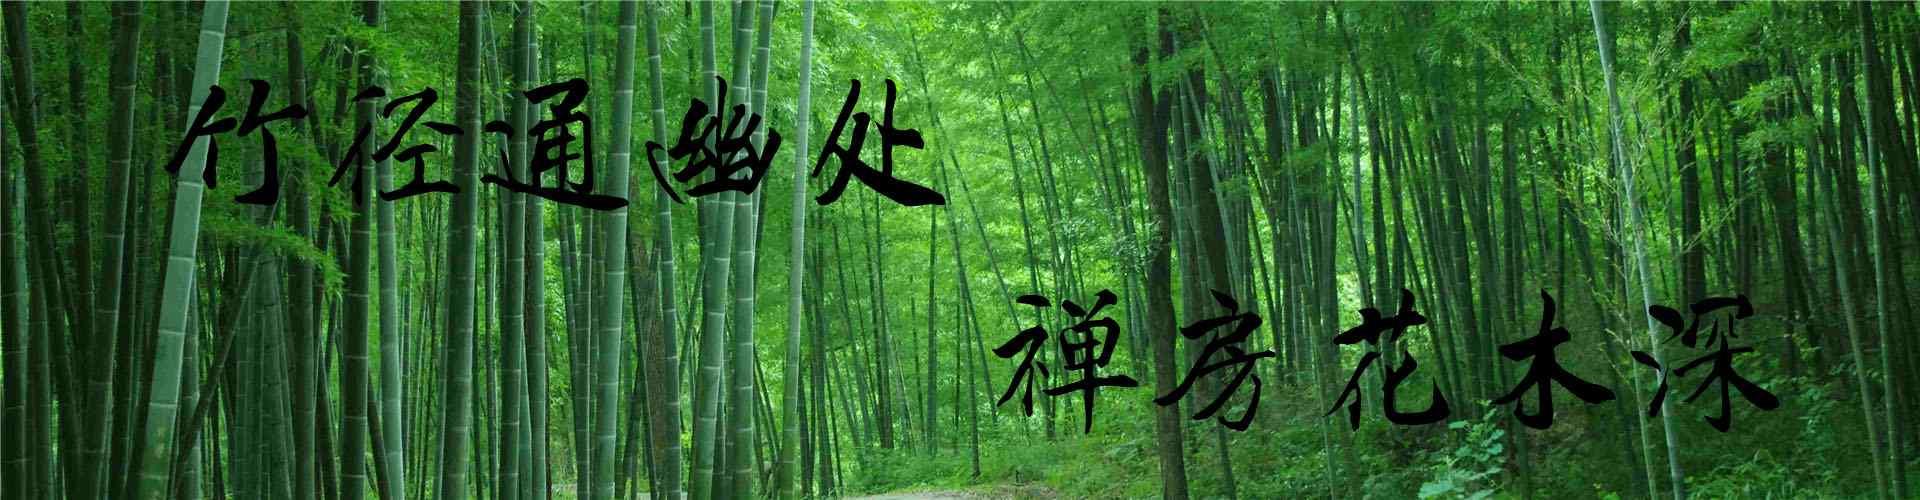 竹林风景_竹林风景图片_竹林桌面壁纸、手机壁纸_小清新护眼壁纸_风景壁纸